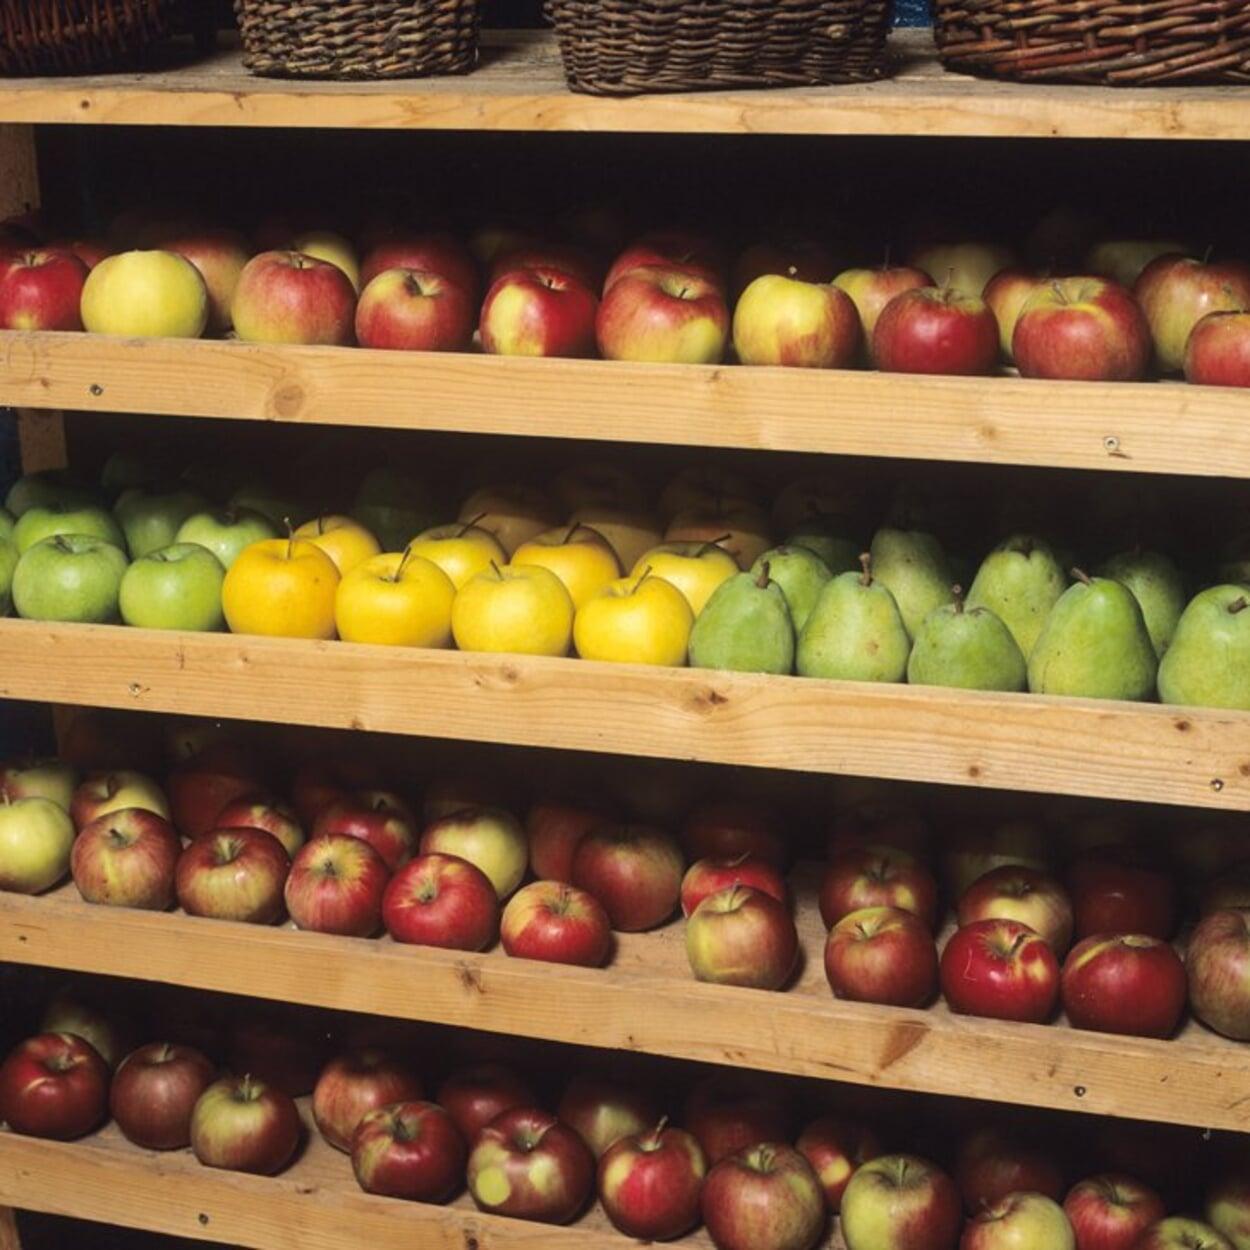 Äpfel in flachen Stiegen lagern